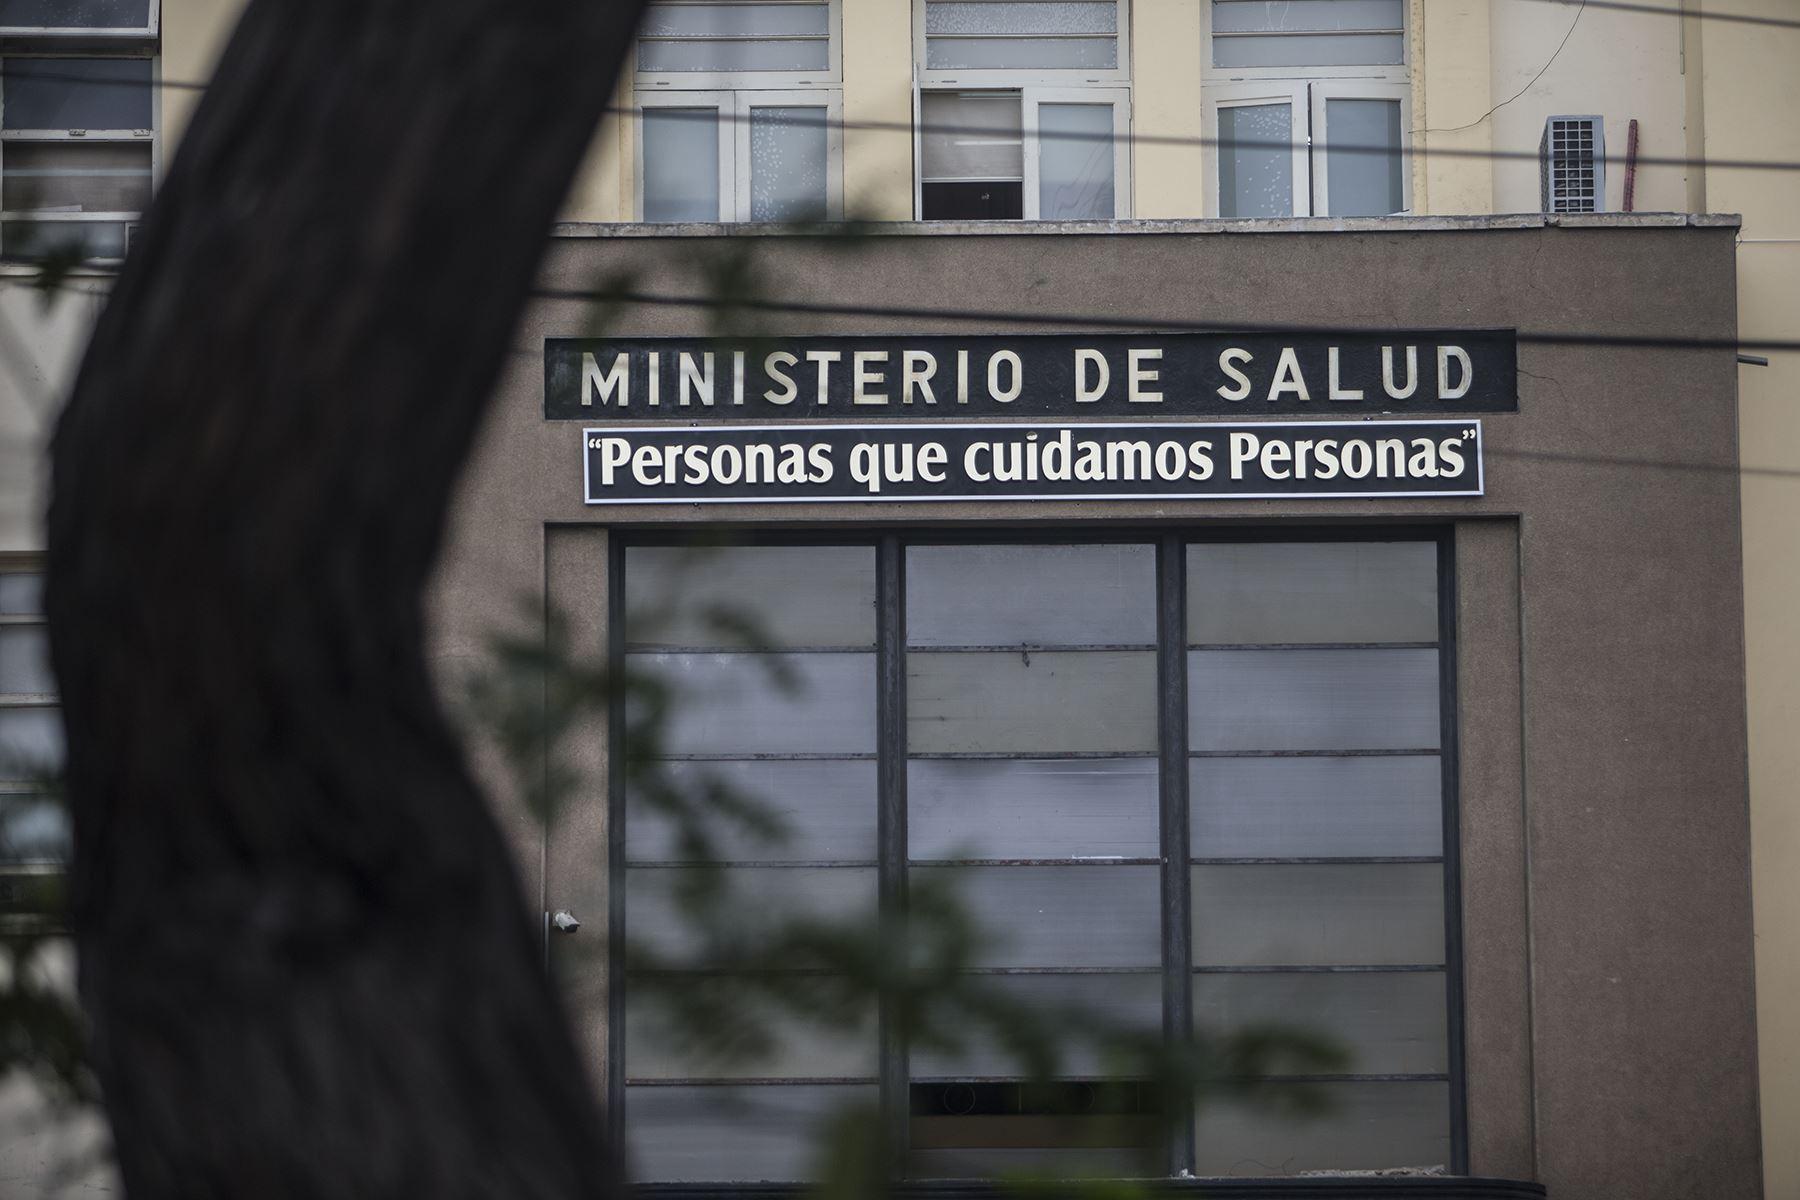 ministerio-de-salud-destaca-labor-de-sus-trabajadores-frente-a-la-pandemia